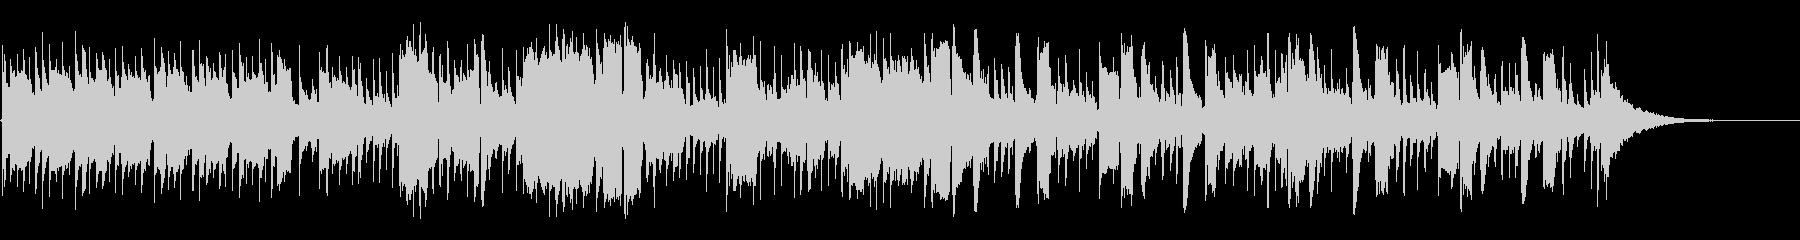 アコギソロ生音/フレットノイズ、紫陽花の未再生の波形